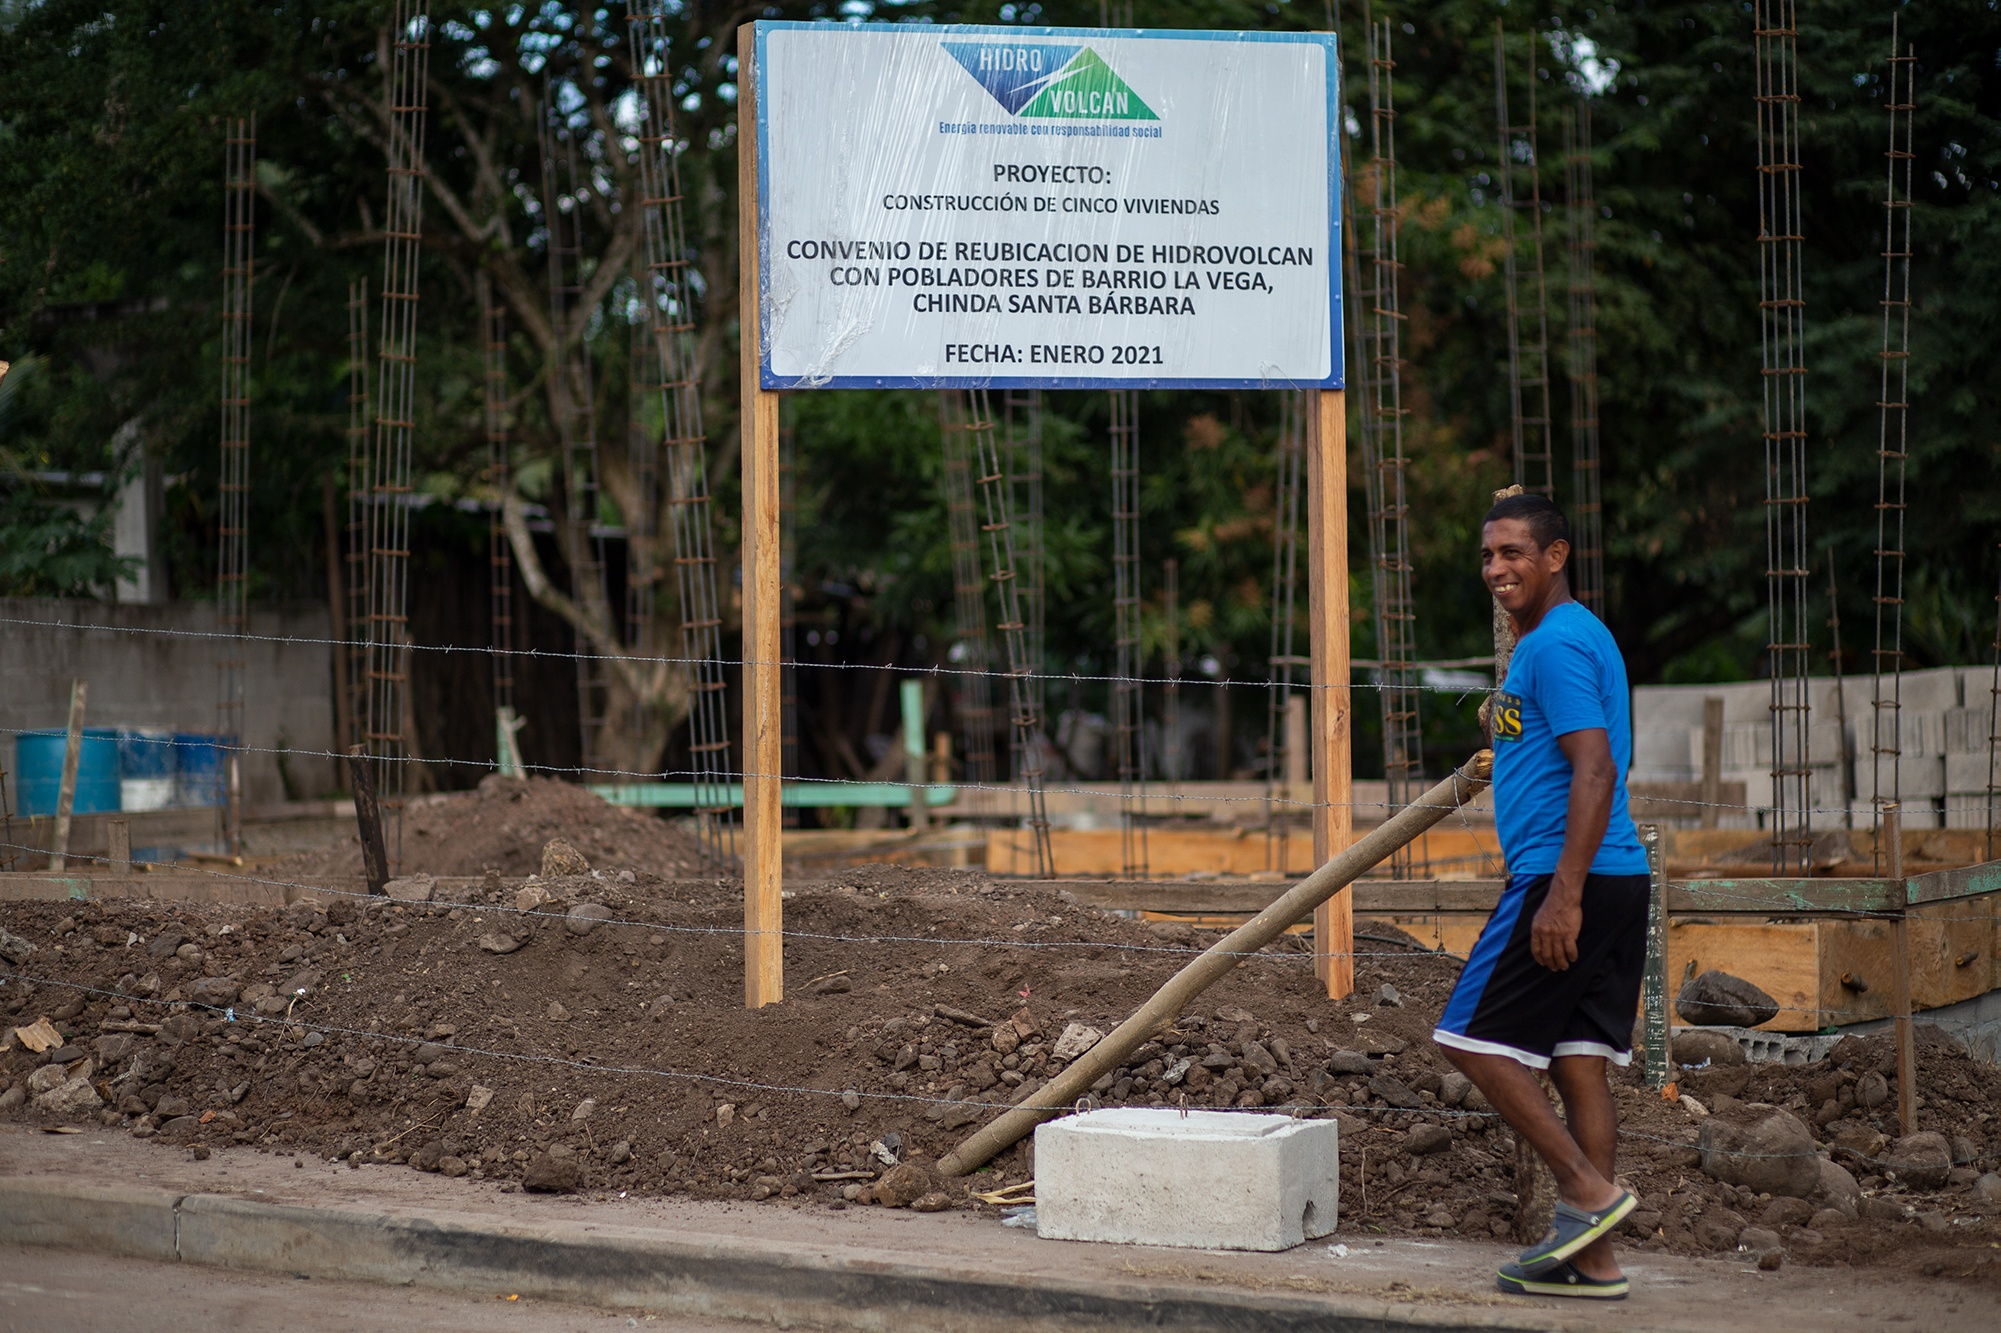 Hidrovolcán ha echado a andar el proyecto de reubicación de algunas familias de la ribera del río Ulúa y que saldrían afectadas con la inundación que provocará el proyecto hidroeléctrico El Tronillito. Chinda, Santa Bárbara, 28 de enero de 2021. Foto: Martín Cálix.